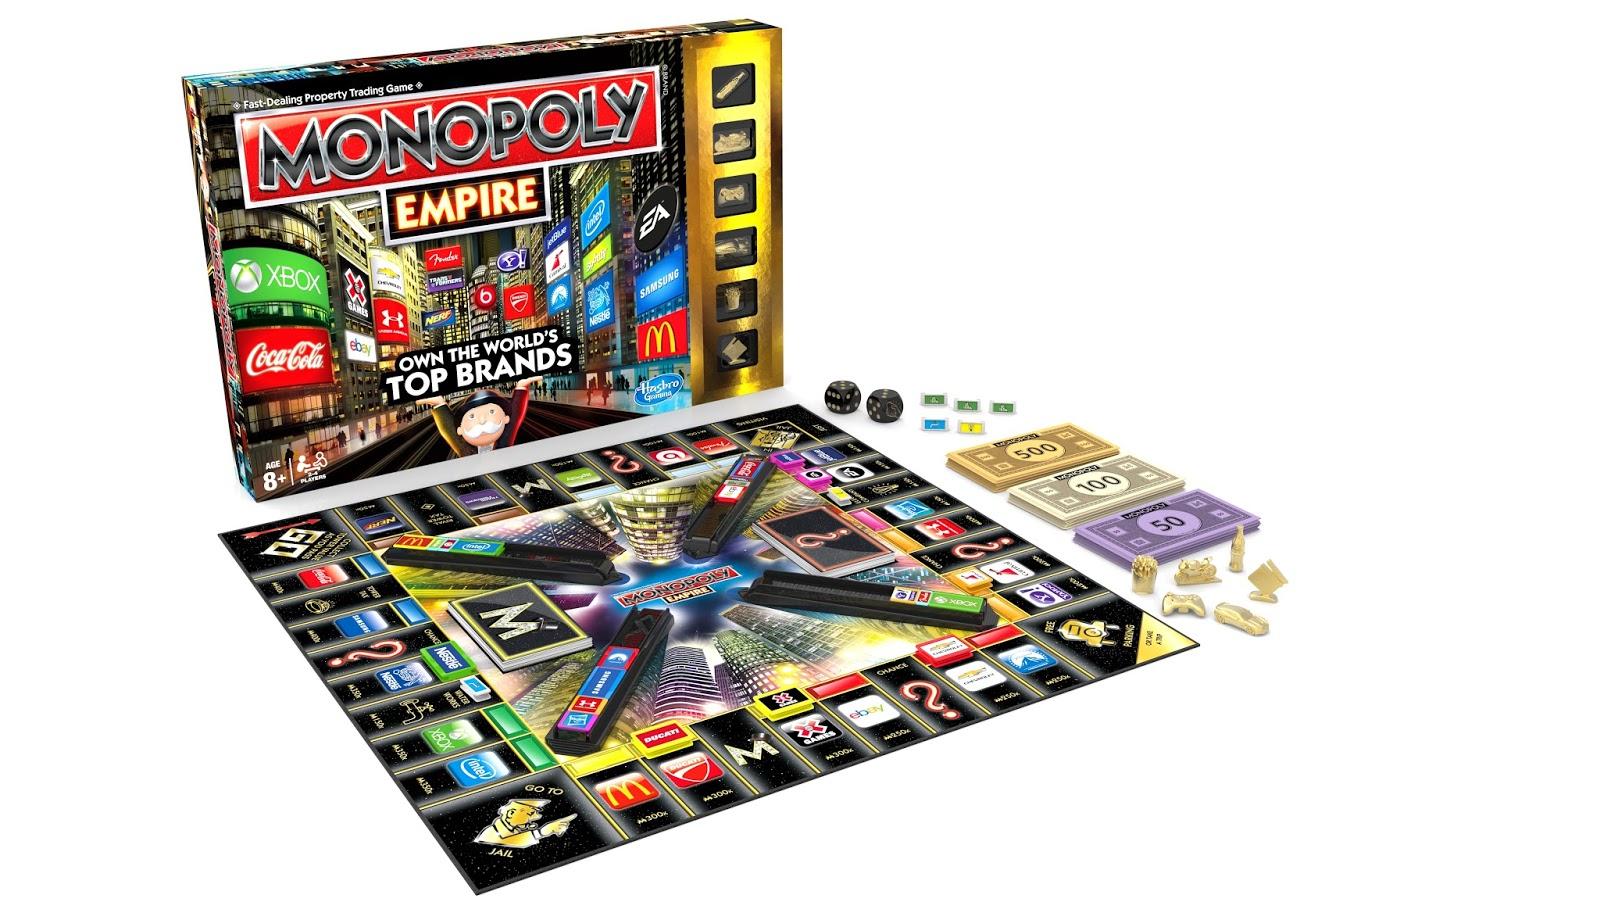 Arriva monopoly empire le grandi marche al posto delle for Nuovo arredo monopoli